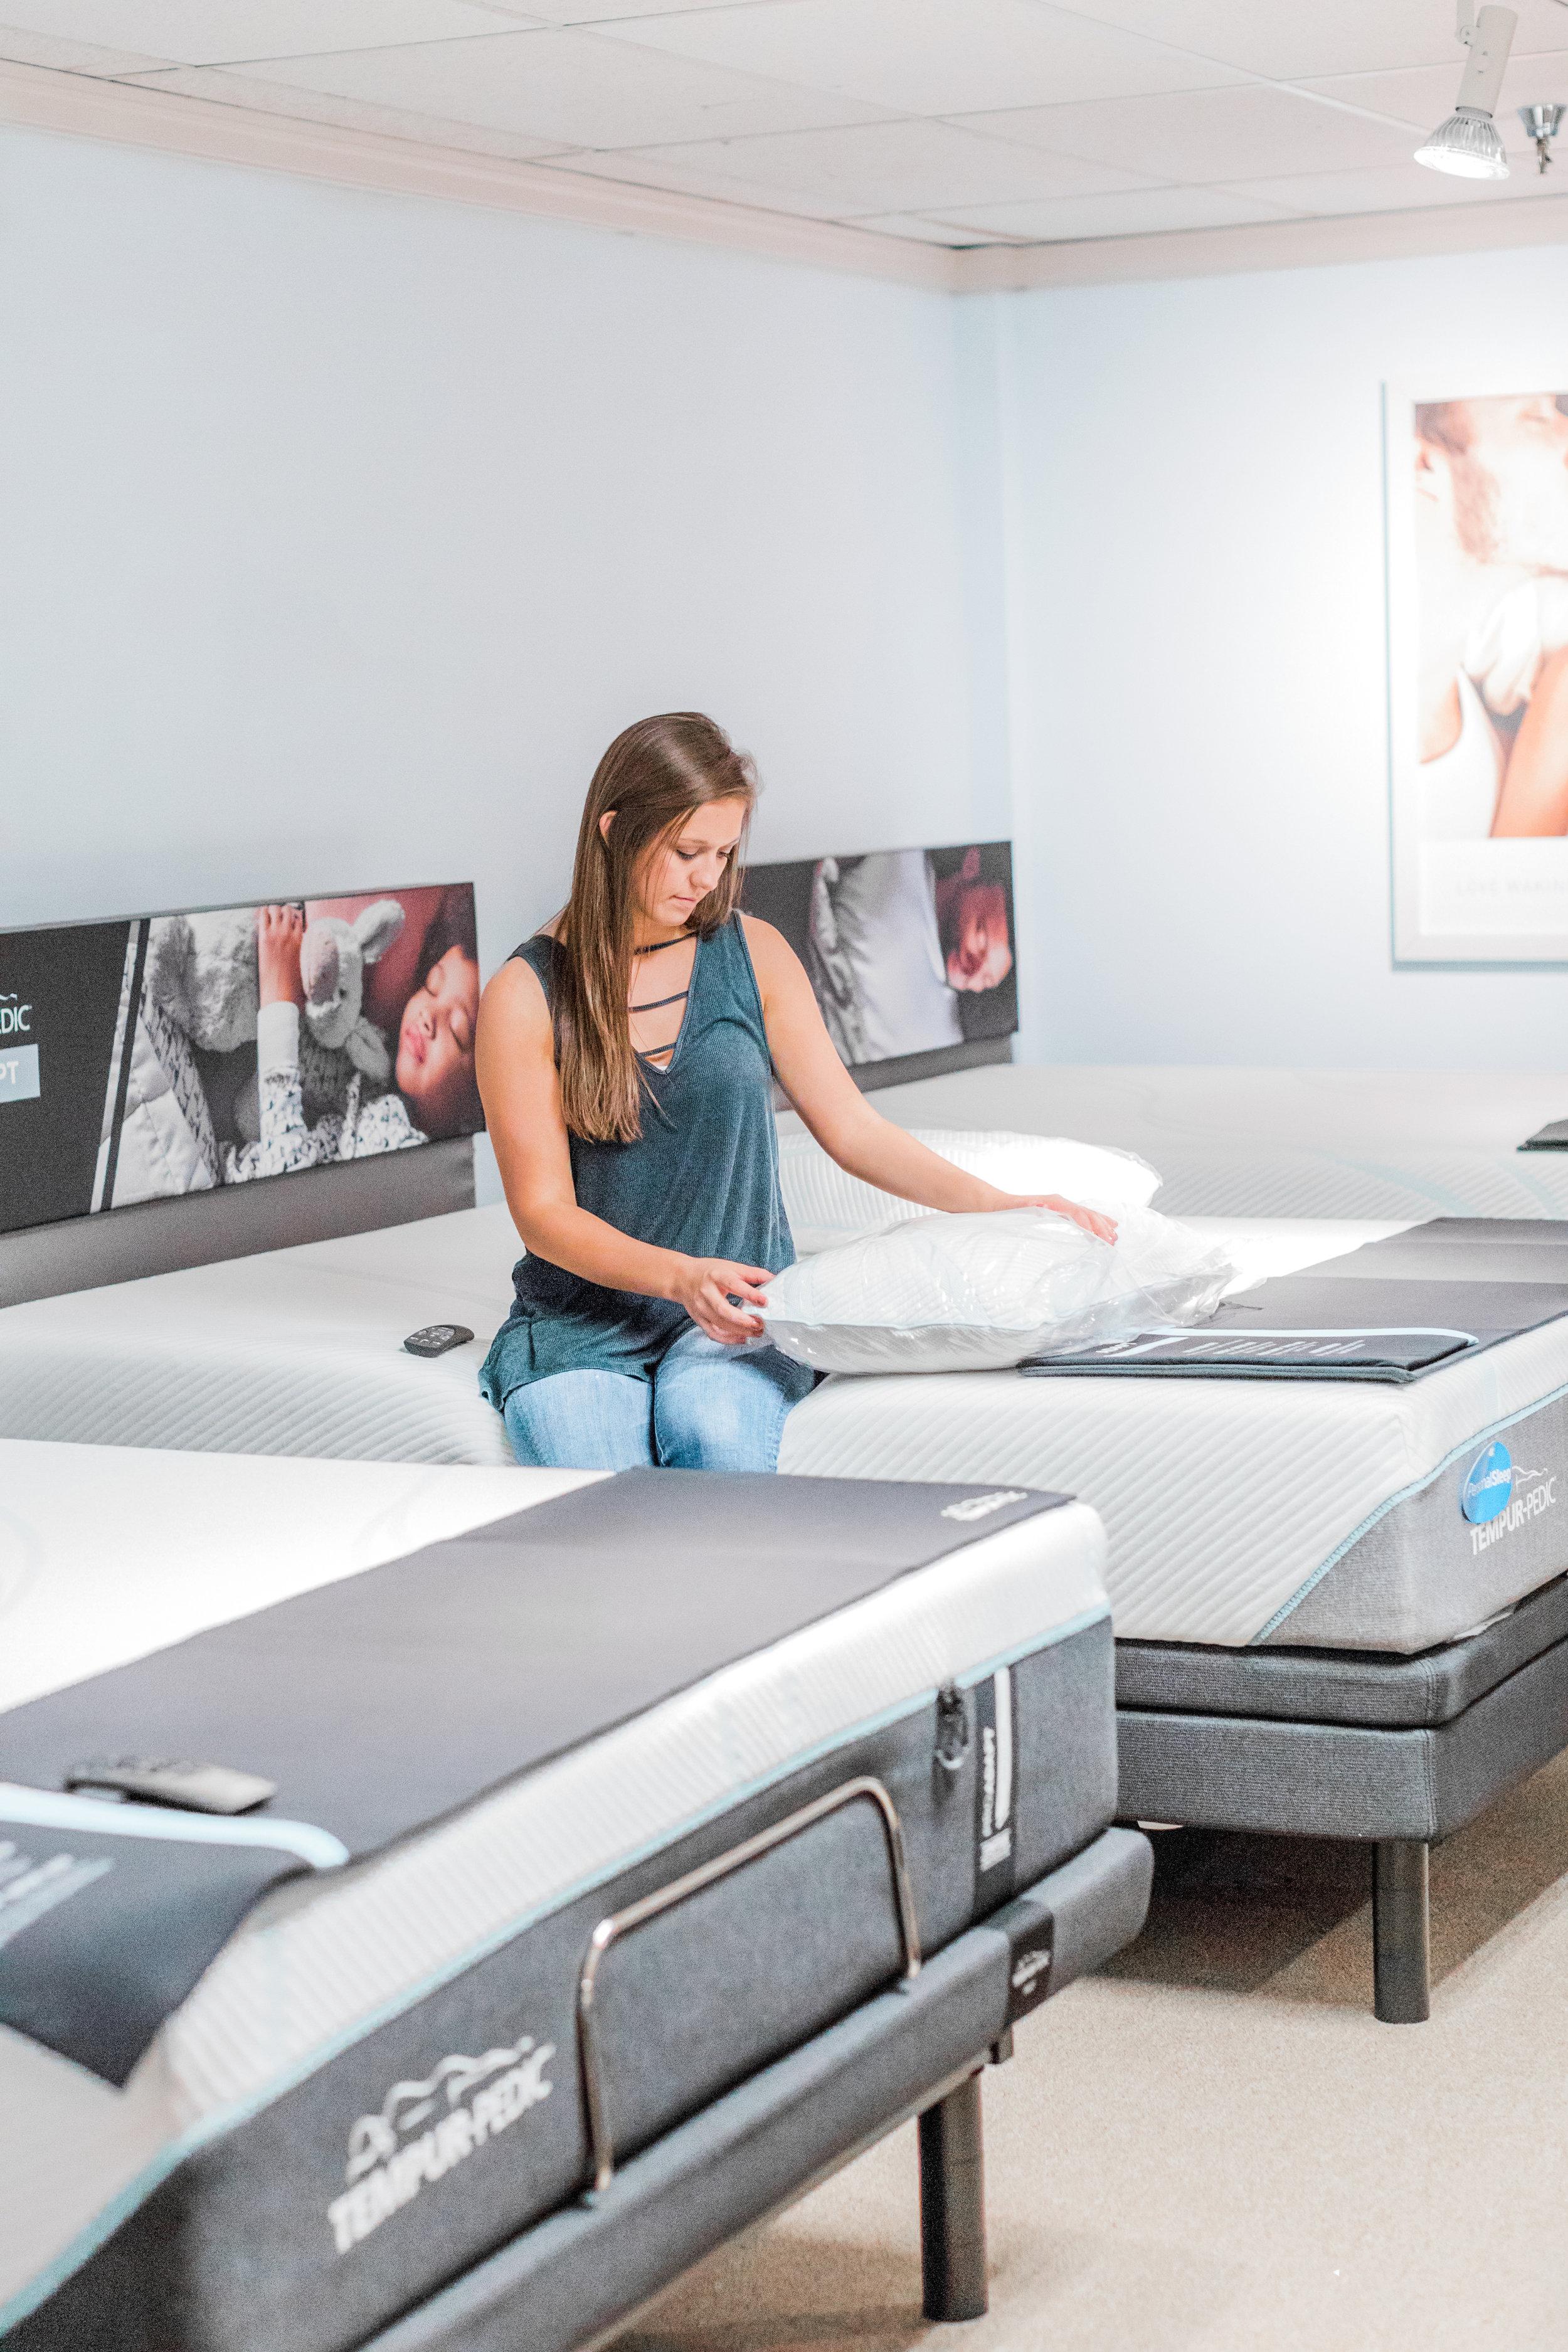 tempur-pedic mattress at wolf furniture